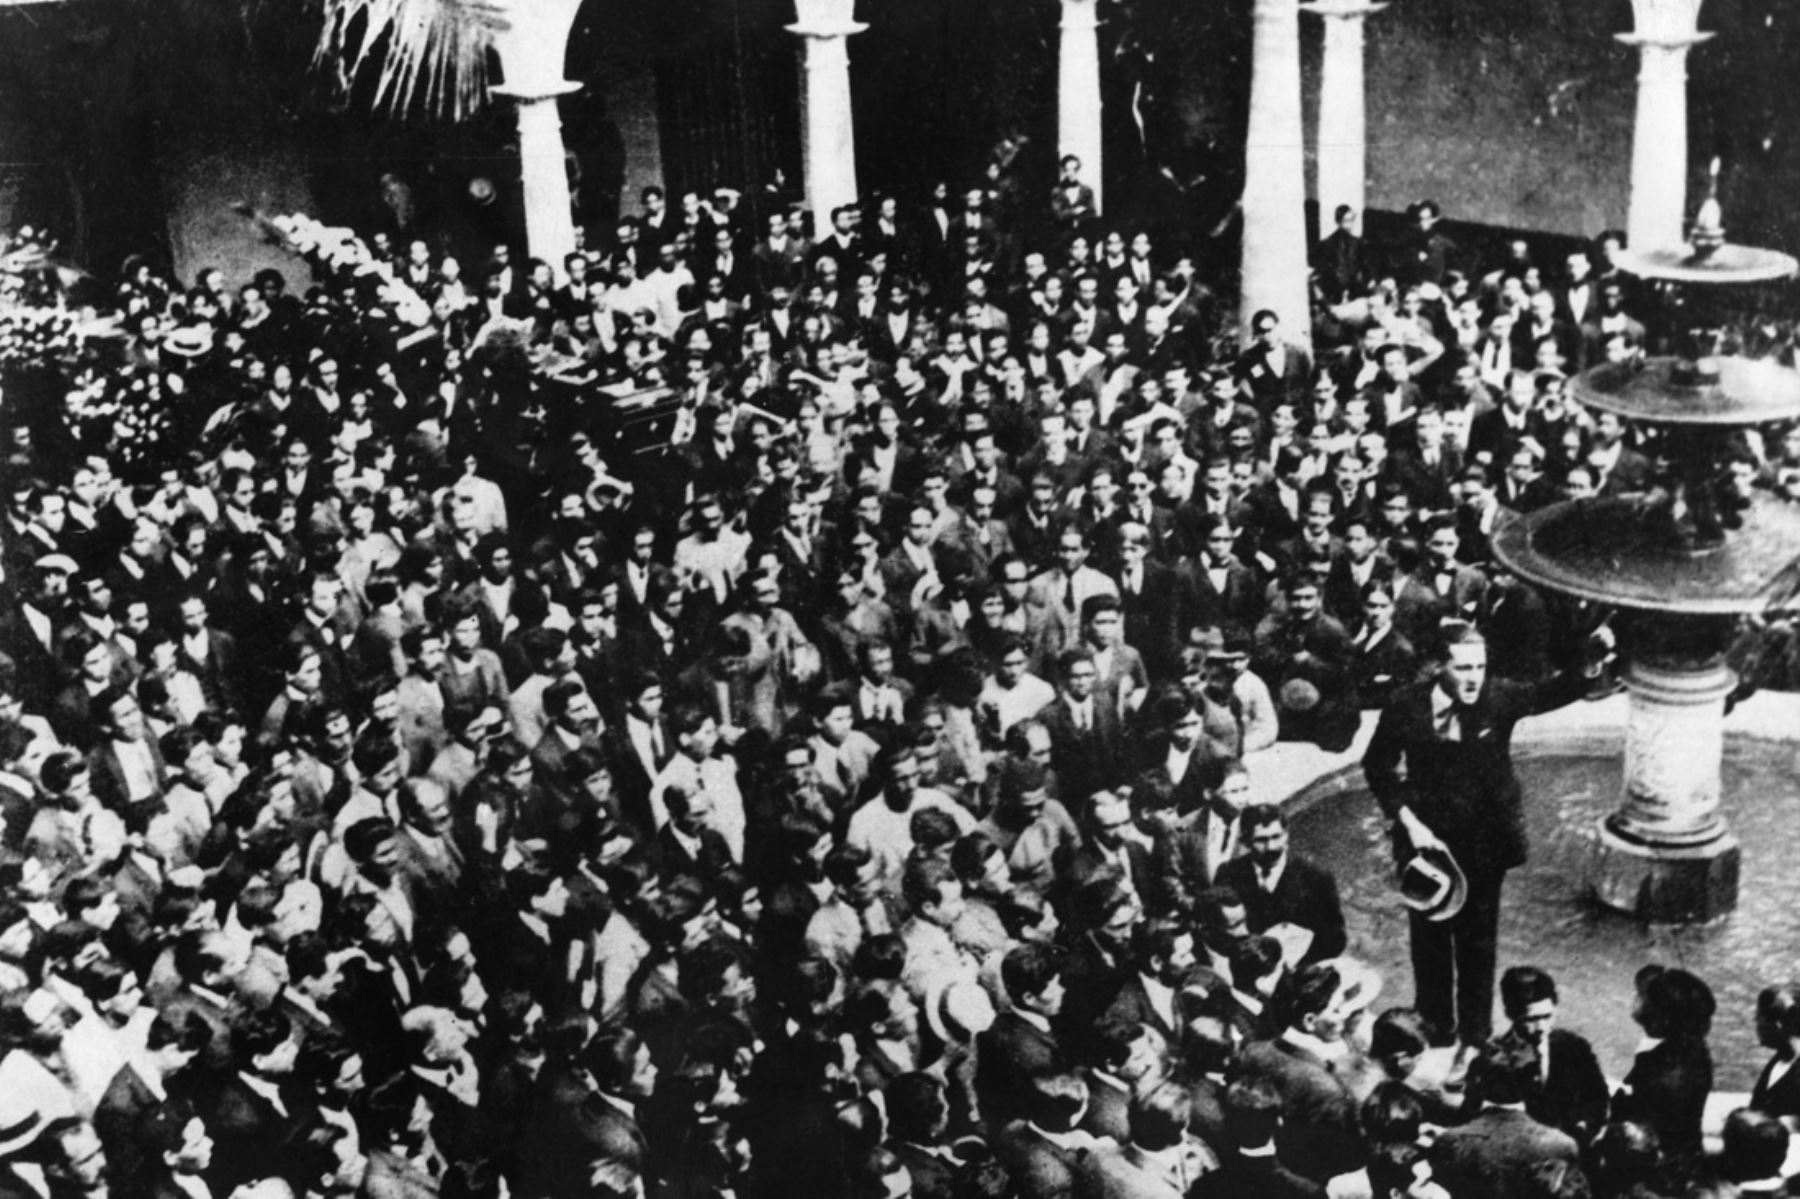 Lima - Mayo 1923 / El estudiante Víctor Raúl Haya de la Torre pronunciando su discurso en el patio de la Universidad de San Marcos antes de iniciarse el cortejo fúnebrre de las víctimas de la protesta contra la consagración del país al Corazón de Jesús.  Foto: revista Variedades